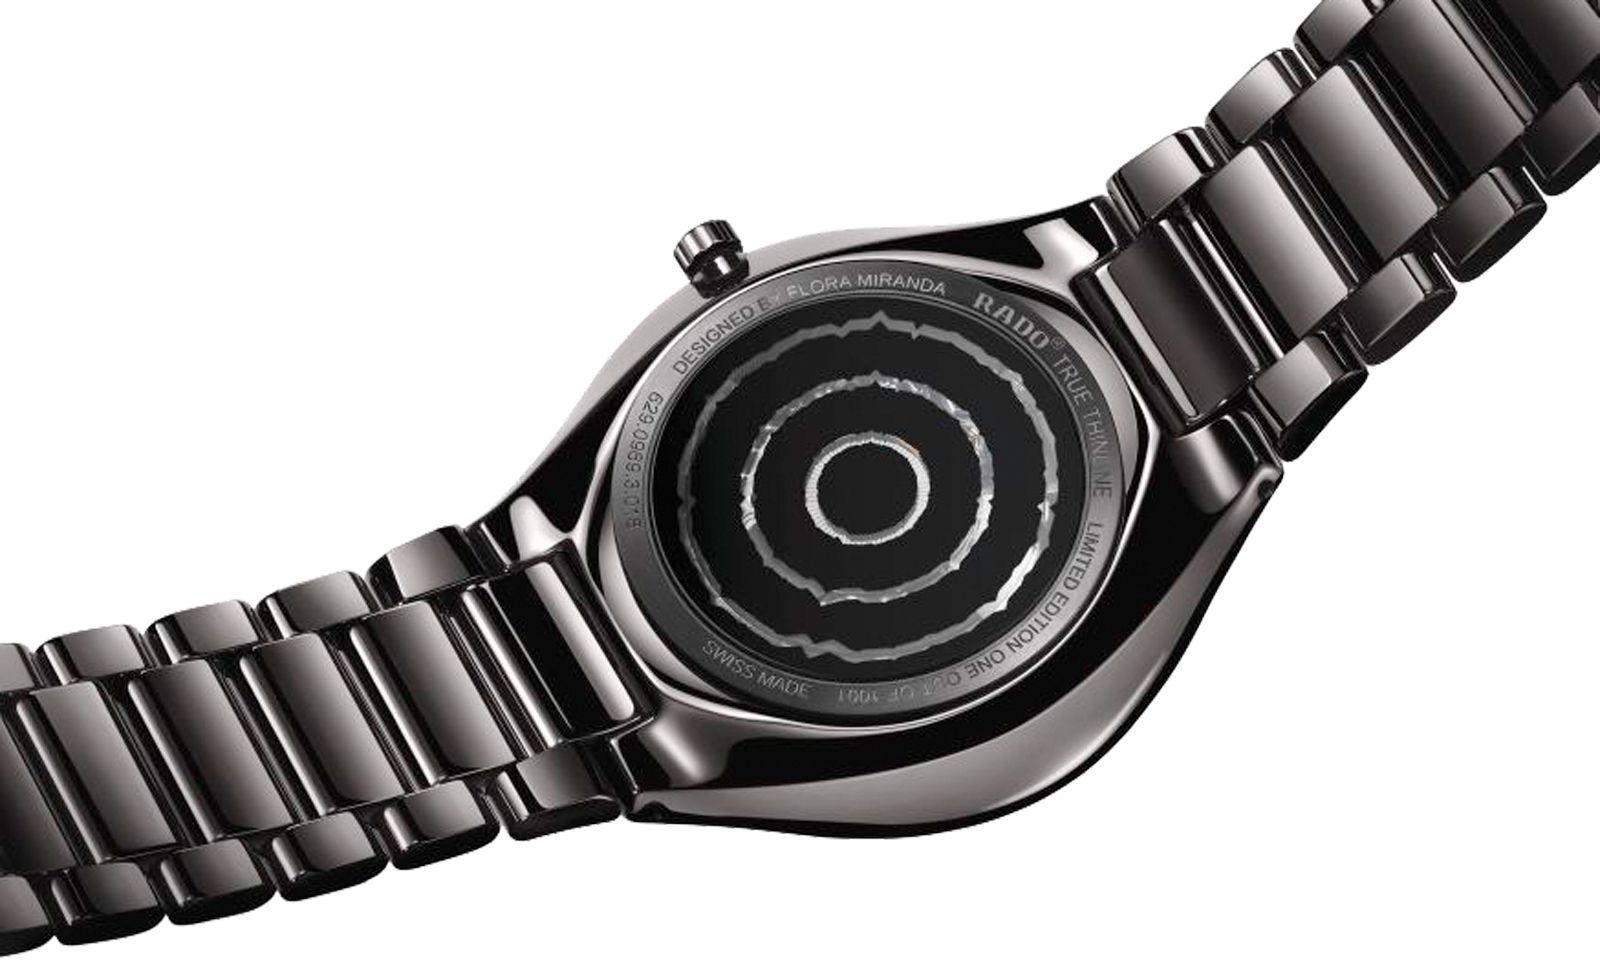 Schau. Die Uhr der Modeschöpferin wird im Rahmen der Vienna Design Week (27.9.–6.10.) präsentiert. Preis: 2640 Euro.